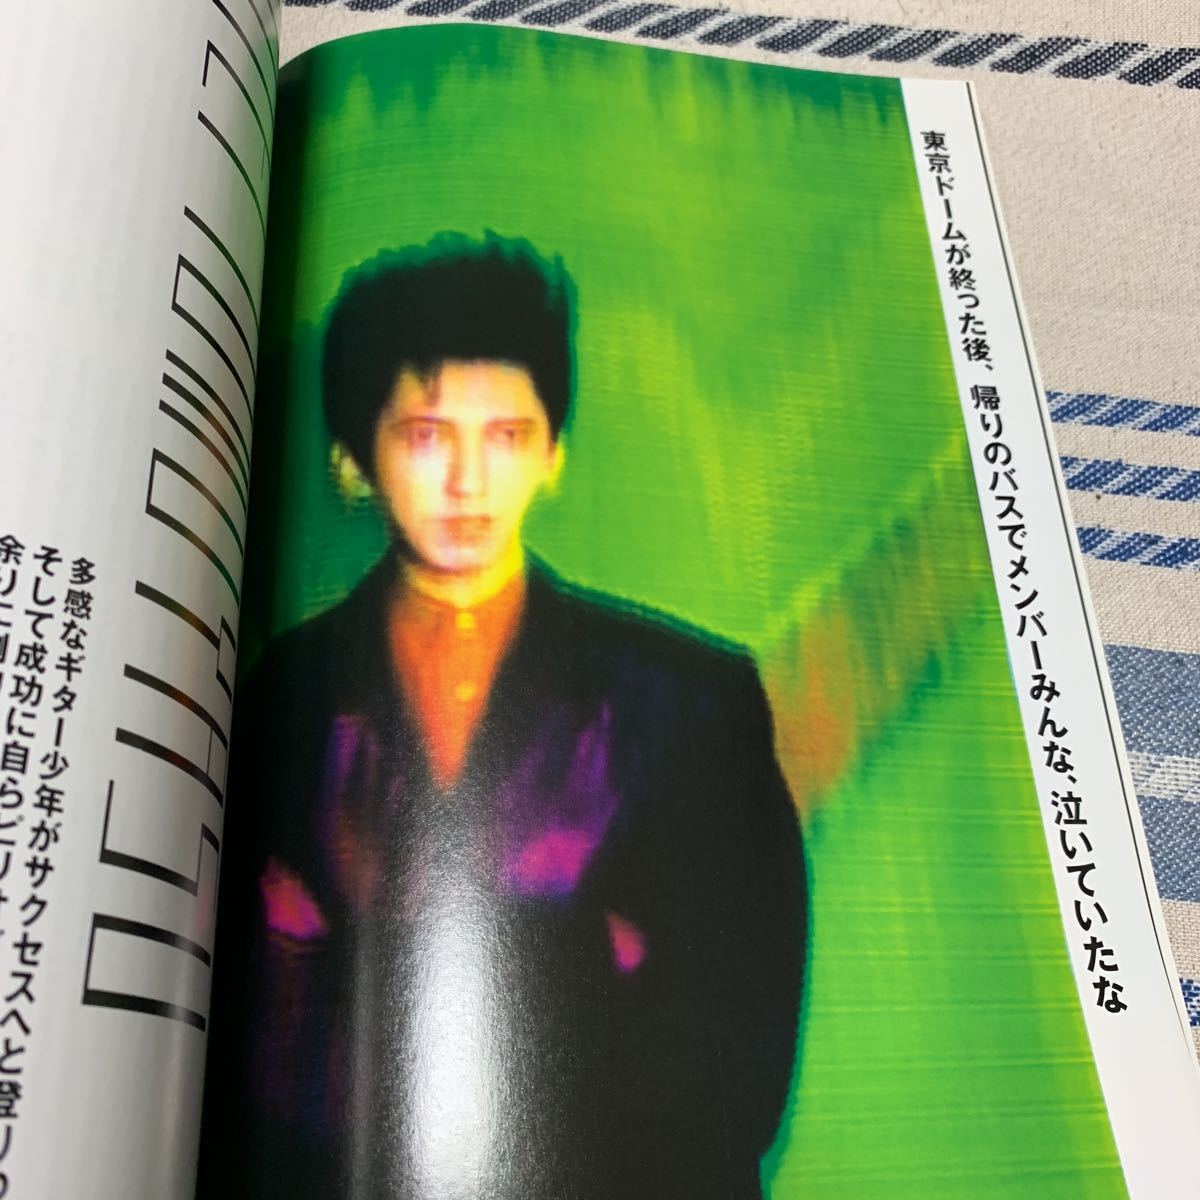 rockin'on japan 1988年 vol.12 布袋寅泰 表紙 BOOWY解散後のはじめて語った解散の真相 LAST GIGS 直後_画像3